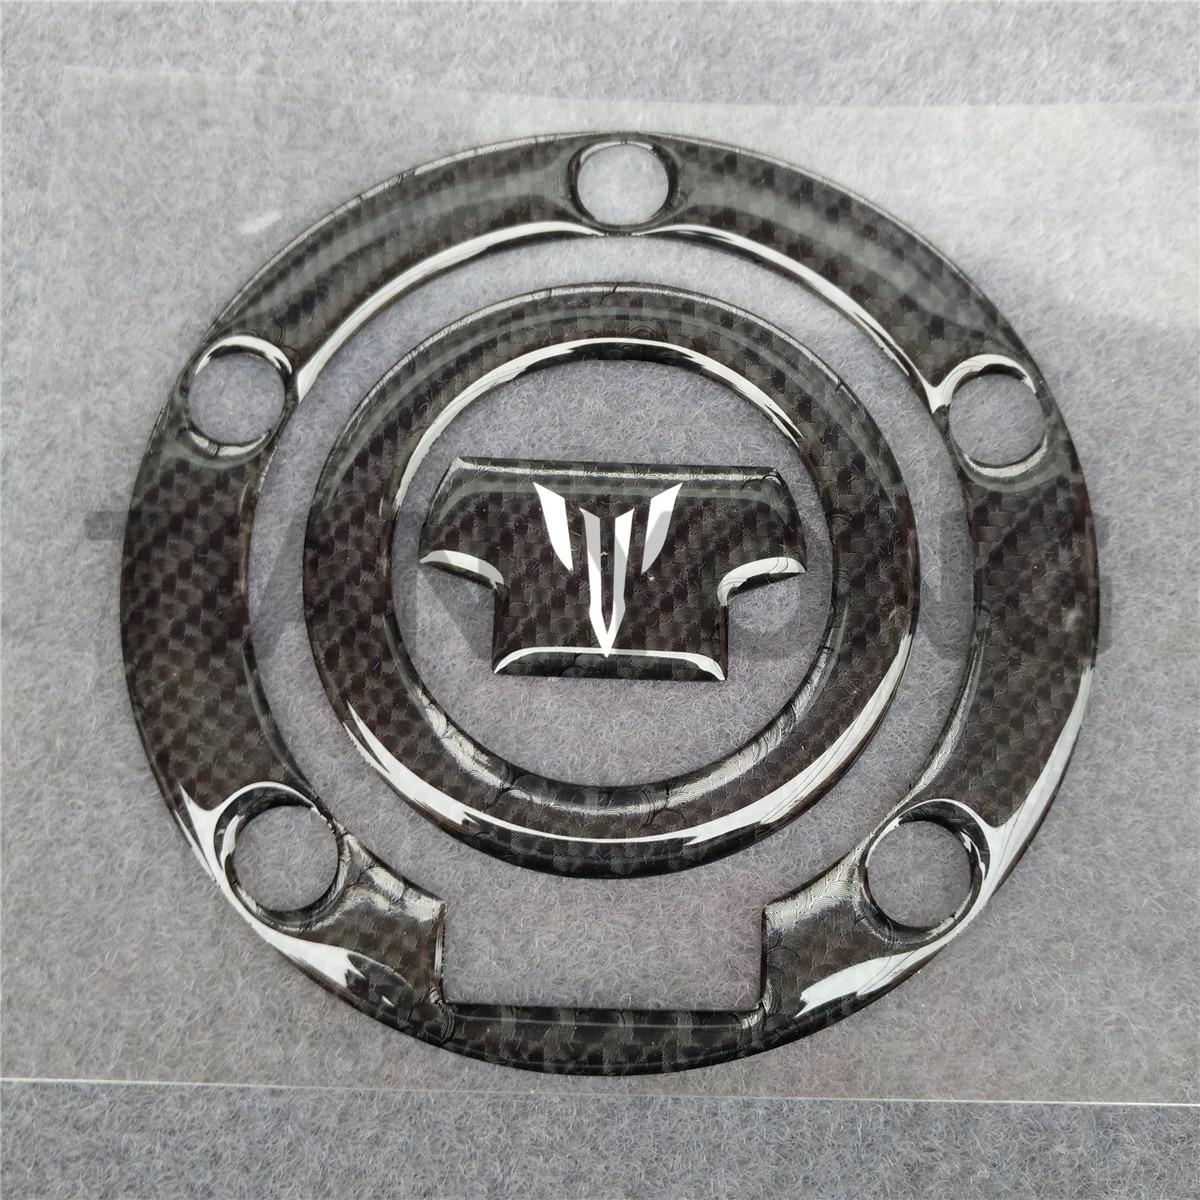 Apto para Yamaha MT-07 MT-09 FZ07 FZ09 MT07 MT09 de fibra de carbono de combustible almohadilla de tanque de aceite etiqueta Protector de la cubierta de la etiqueta engomada